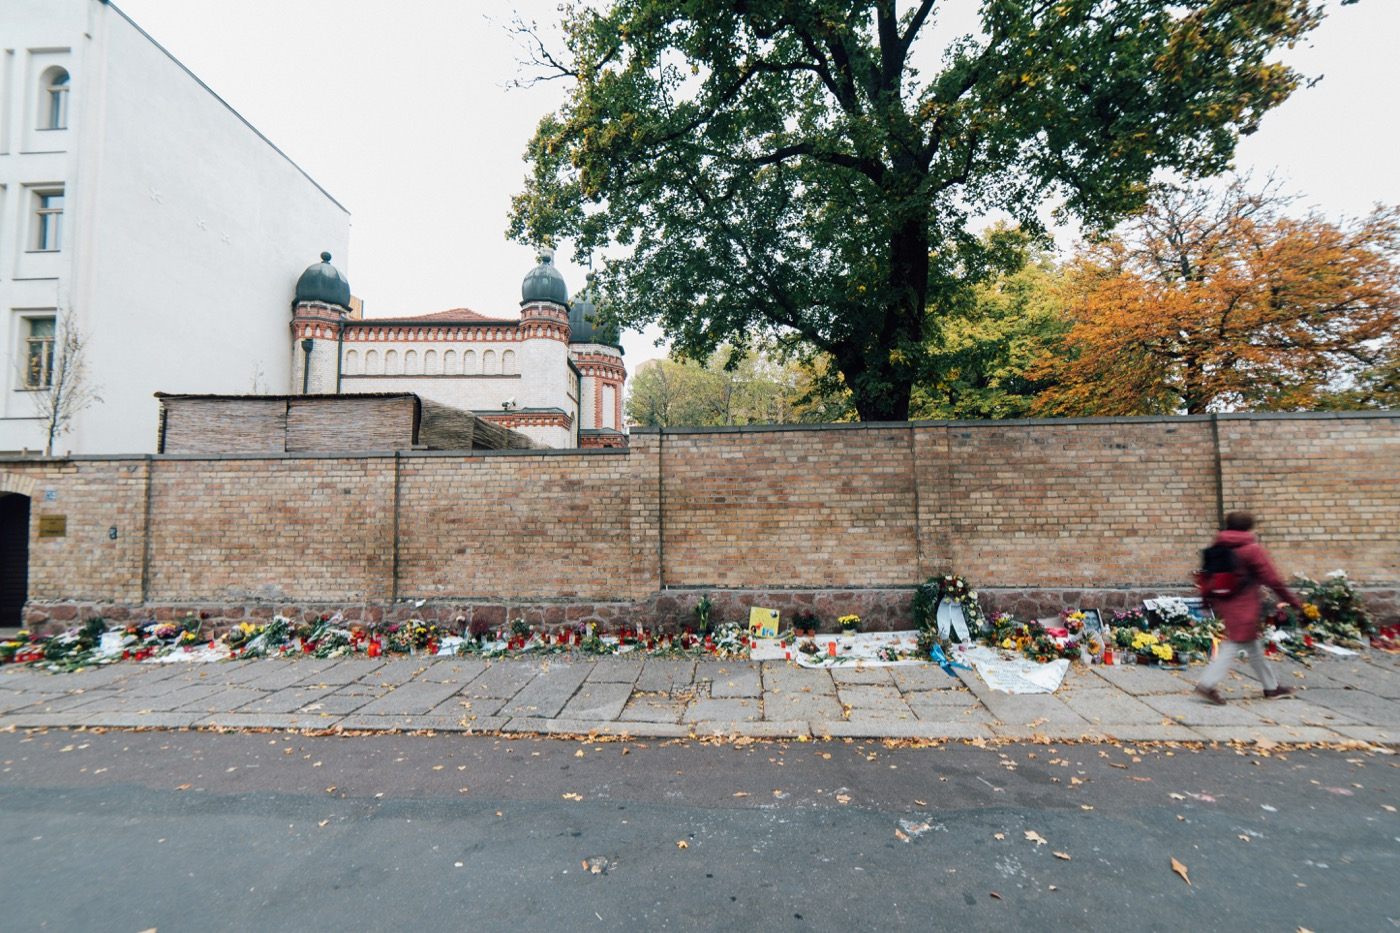 Gedenken an der Synagoge in Halle wenige Tage nach dem Terroranschlag.